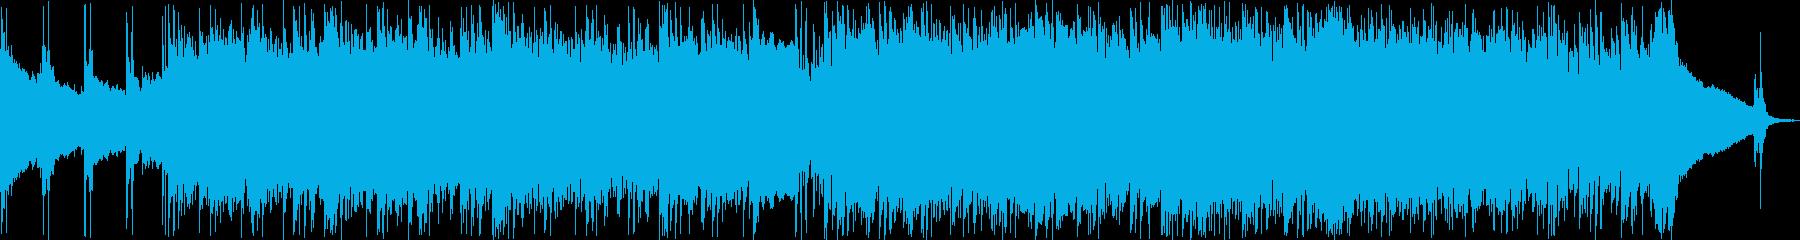 エレキギターが中心のテクノポップの再生済みの波形